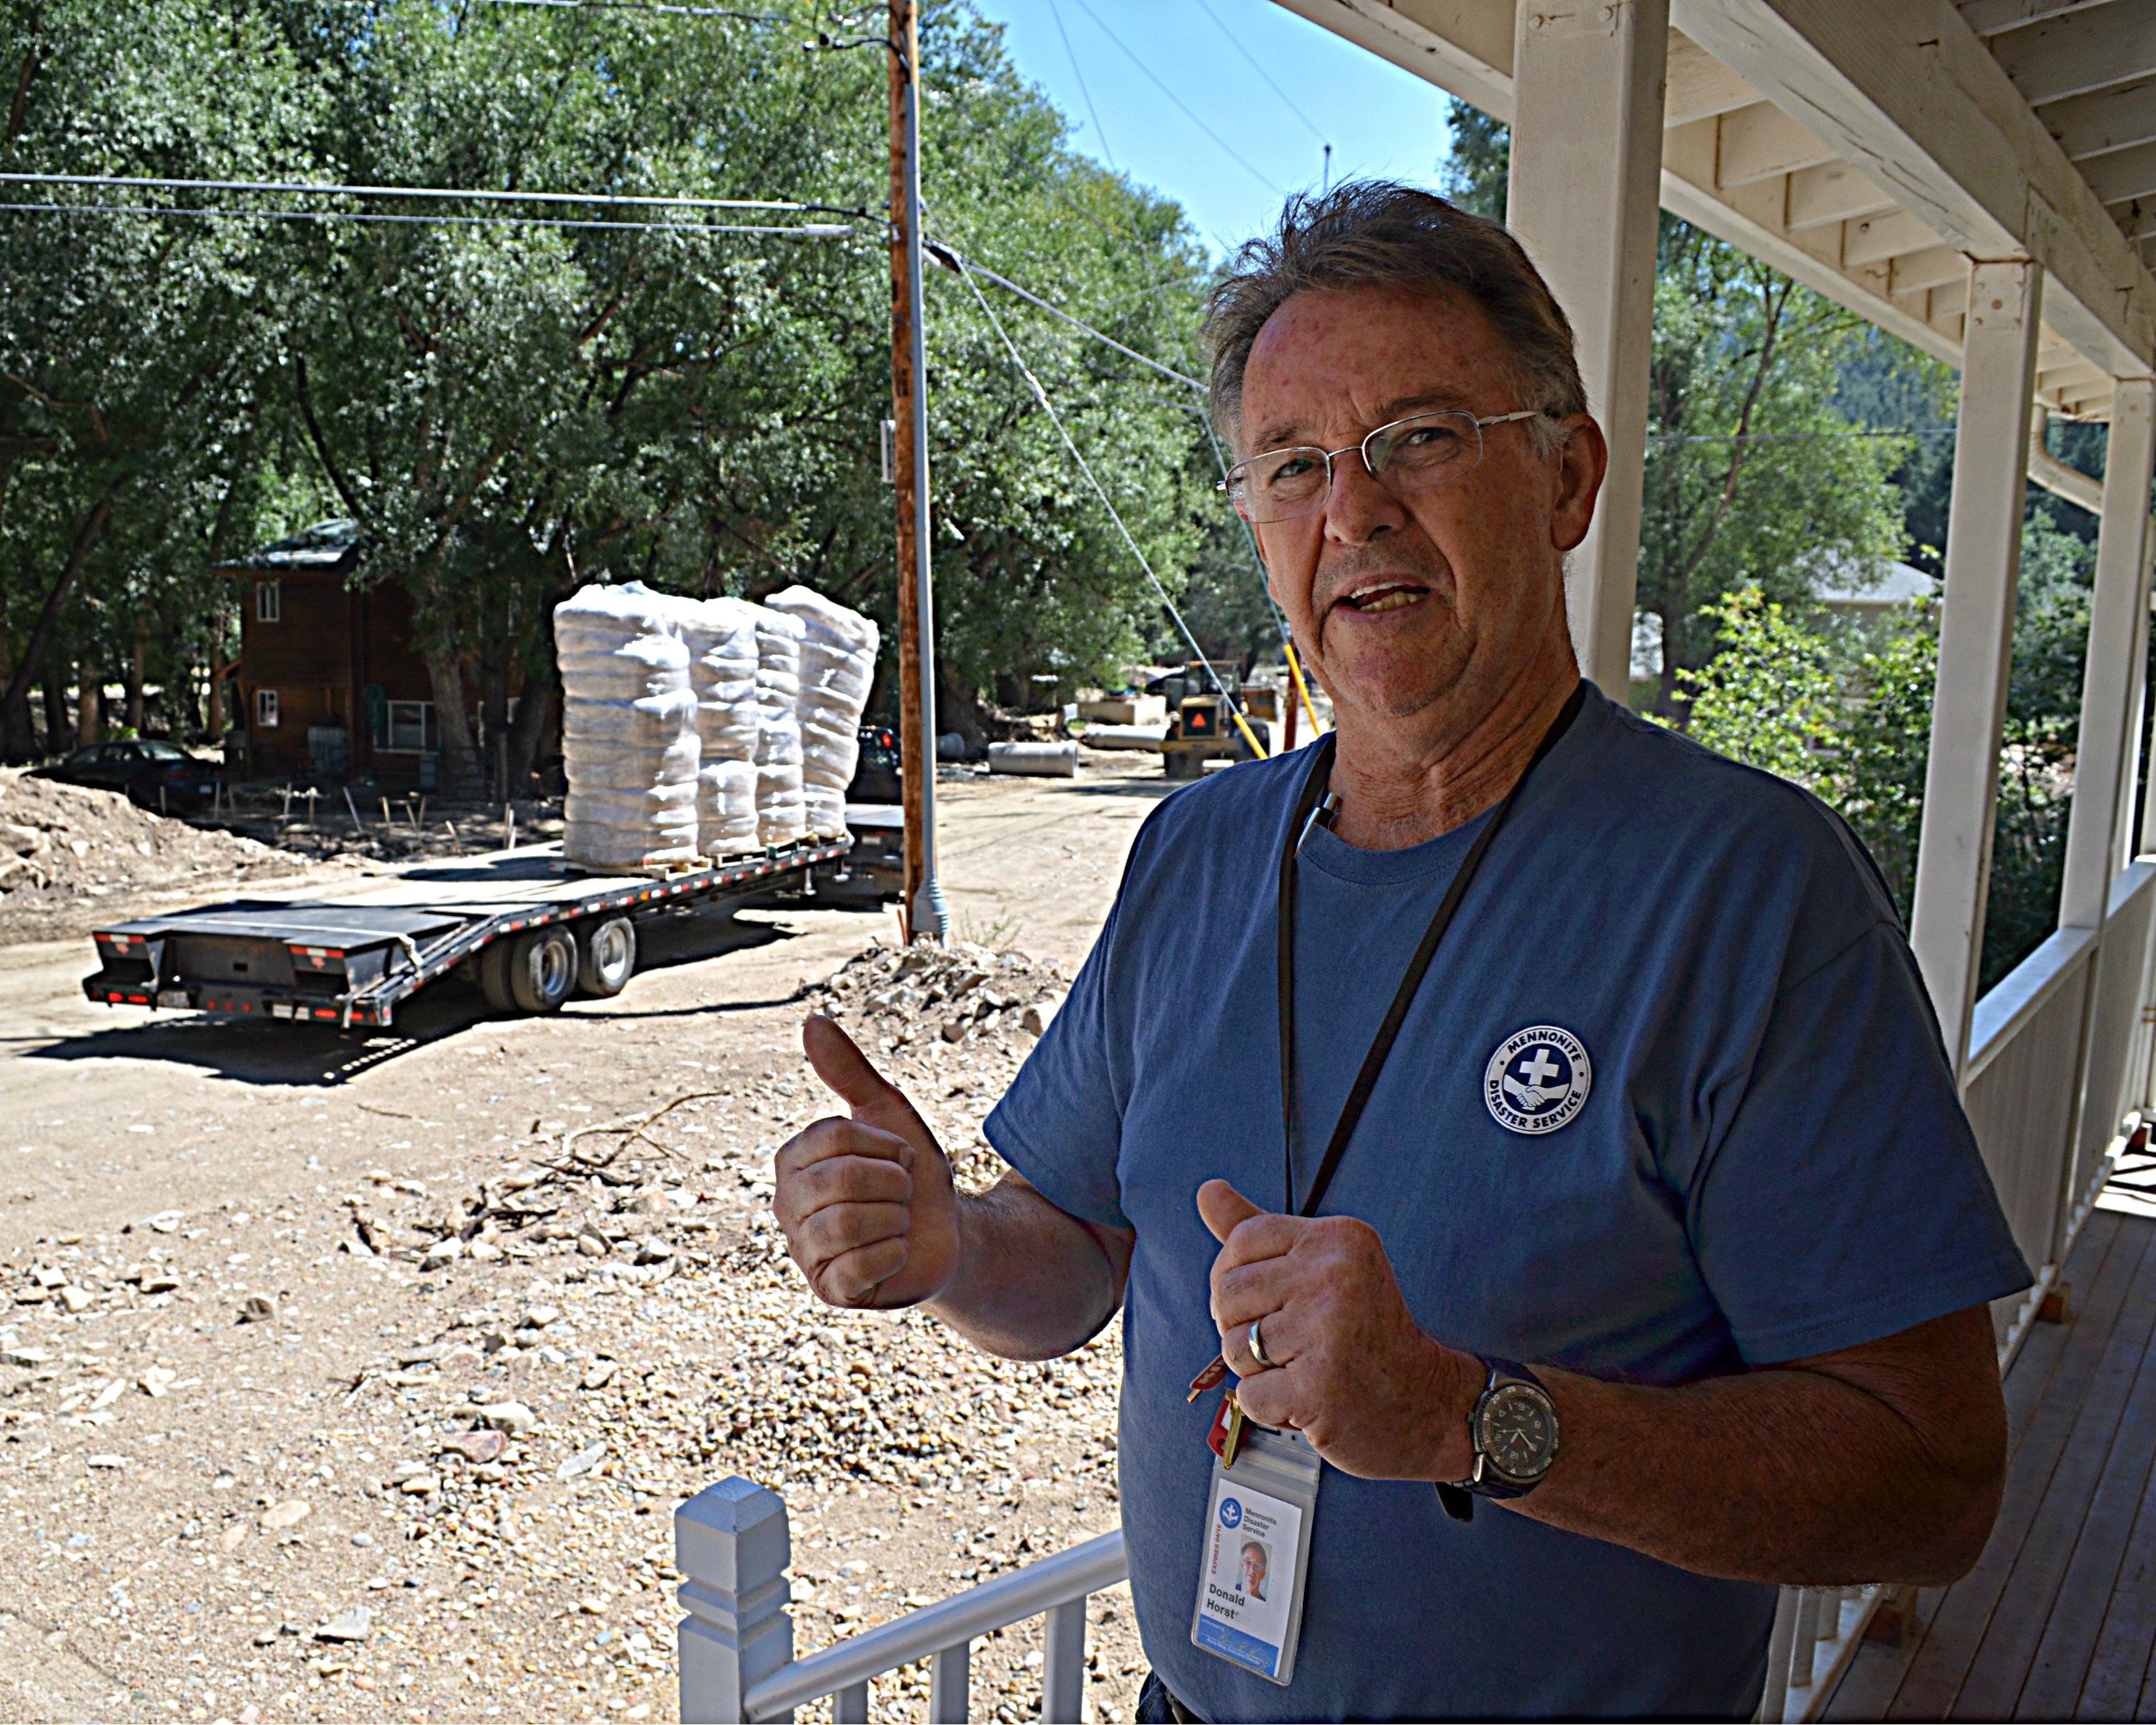 Photo: Don Horst Mennonite Disaster Service